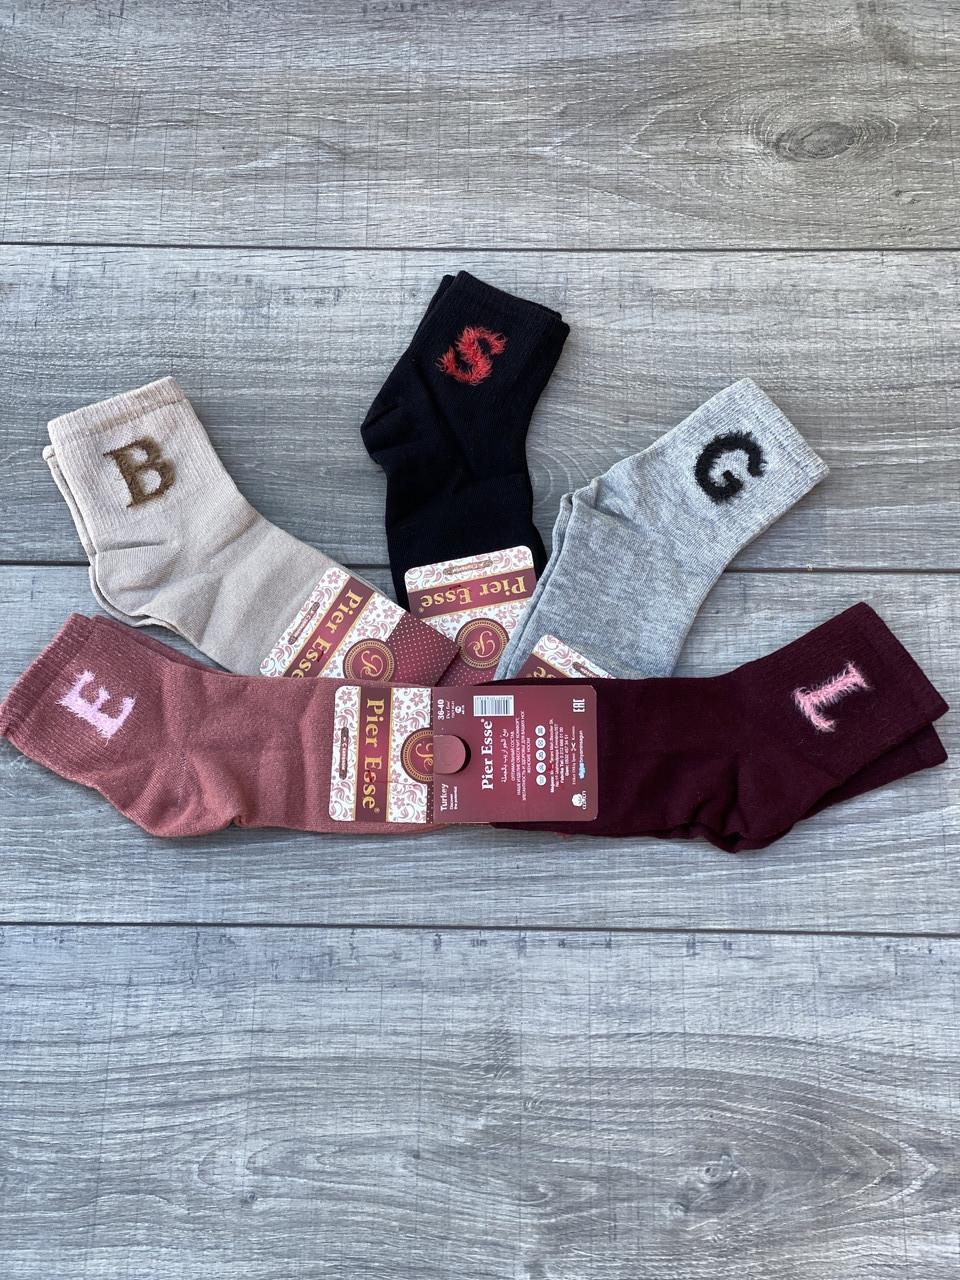 Жіночі шкарпетки стейчеві теніс Pier Esse з пухнастими літерами 36-40 12 шт в уп мікс із 5 кольорів